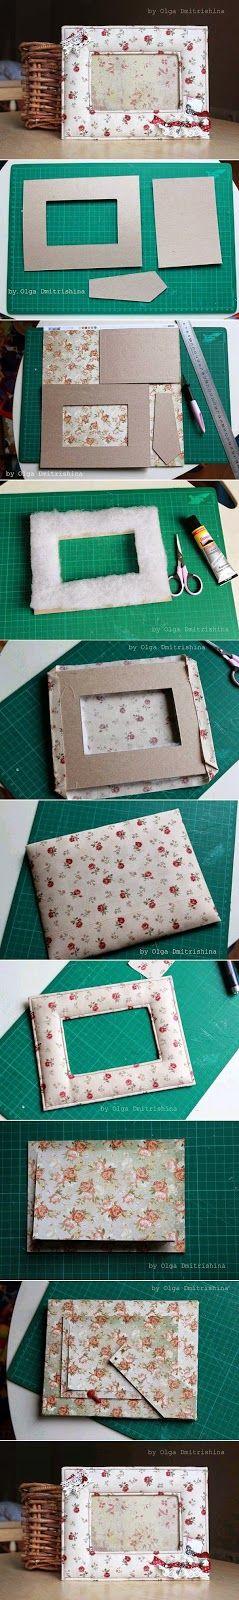 Com essa minha andança pela net, tenho achado muitas ideias de artesanato feito com material de papelão, rolos de tecidos, de fita adesiva...: